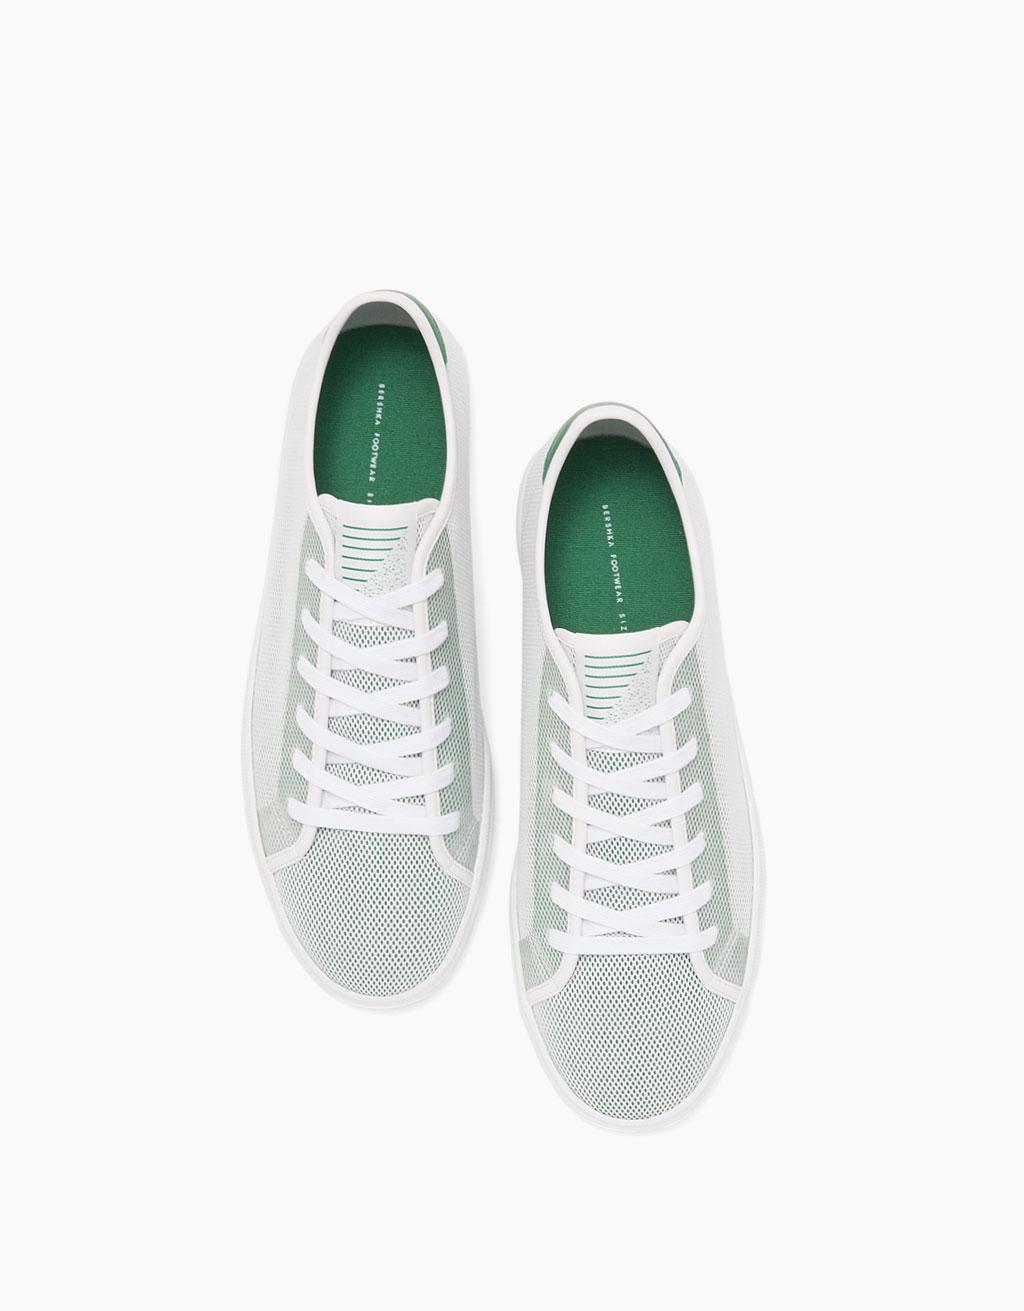 Men's mesh sneakers with coloured heel